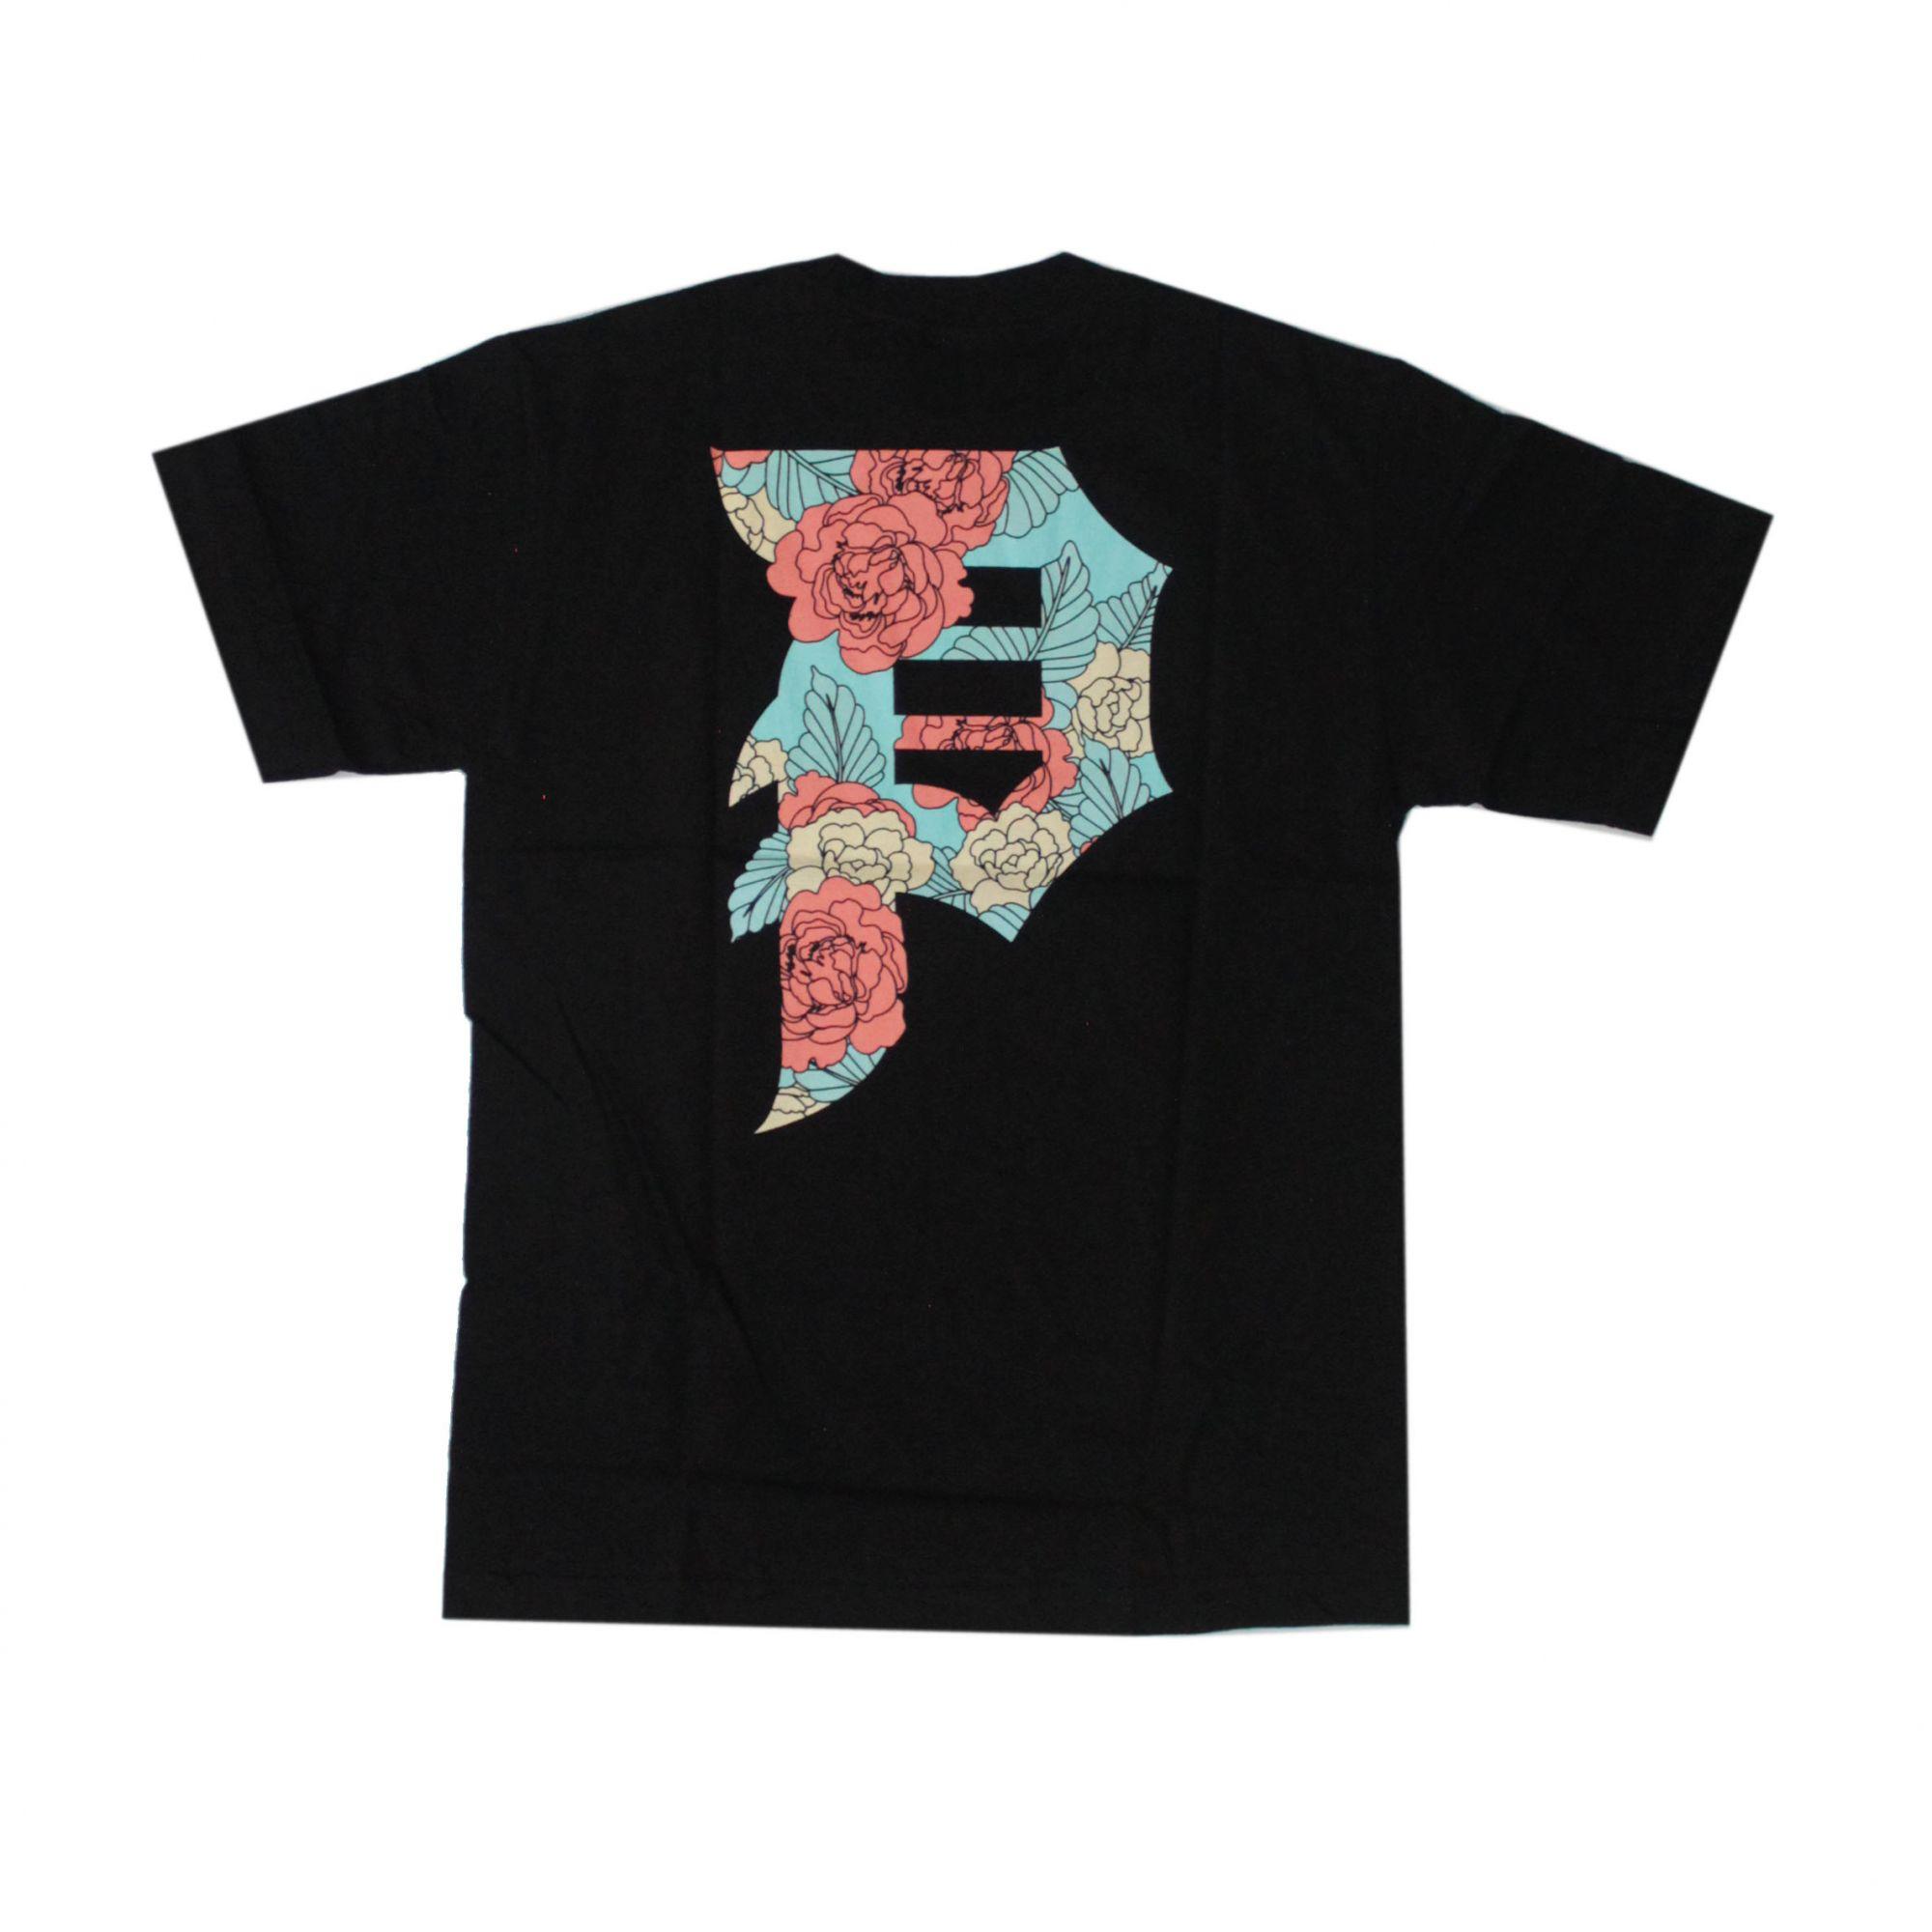 Camiseta Primitive Dirty P Casual Tee Preto (Importado)